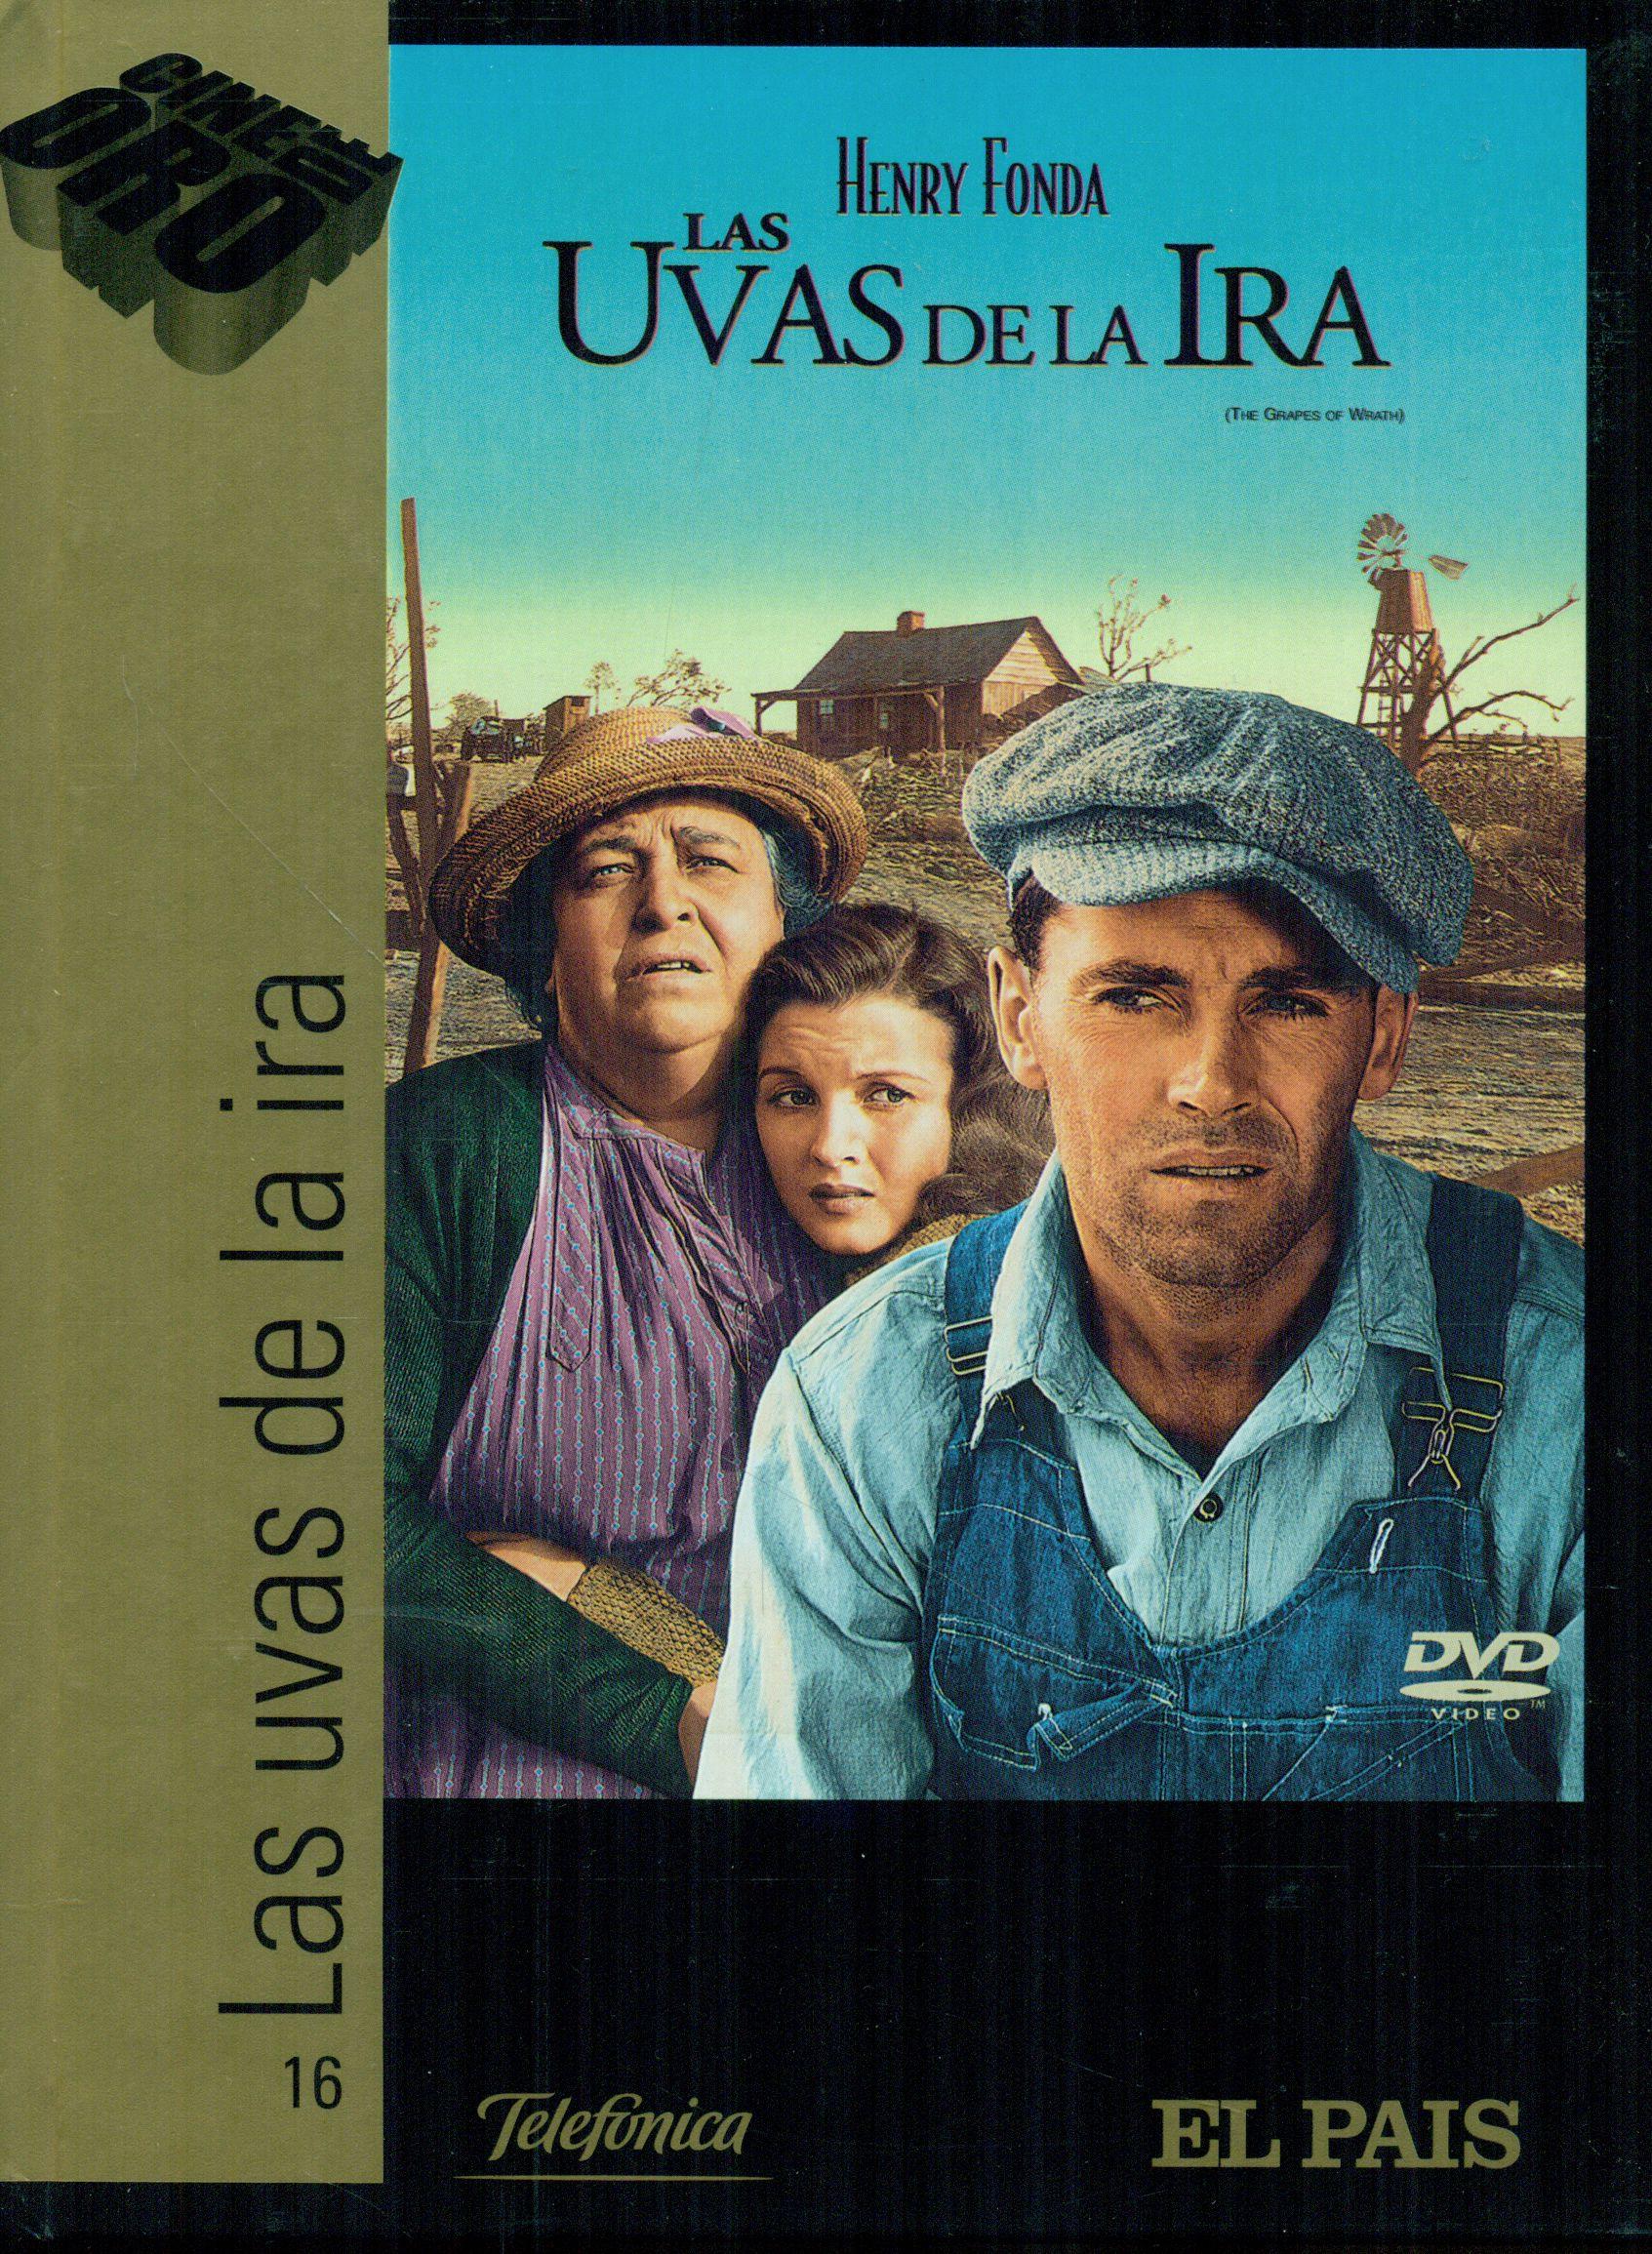 Pin En Literatura Y Cine Sobre Ruedas